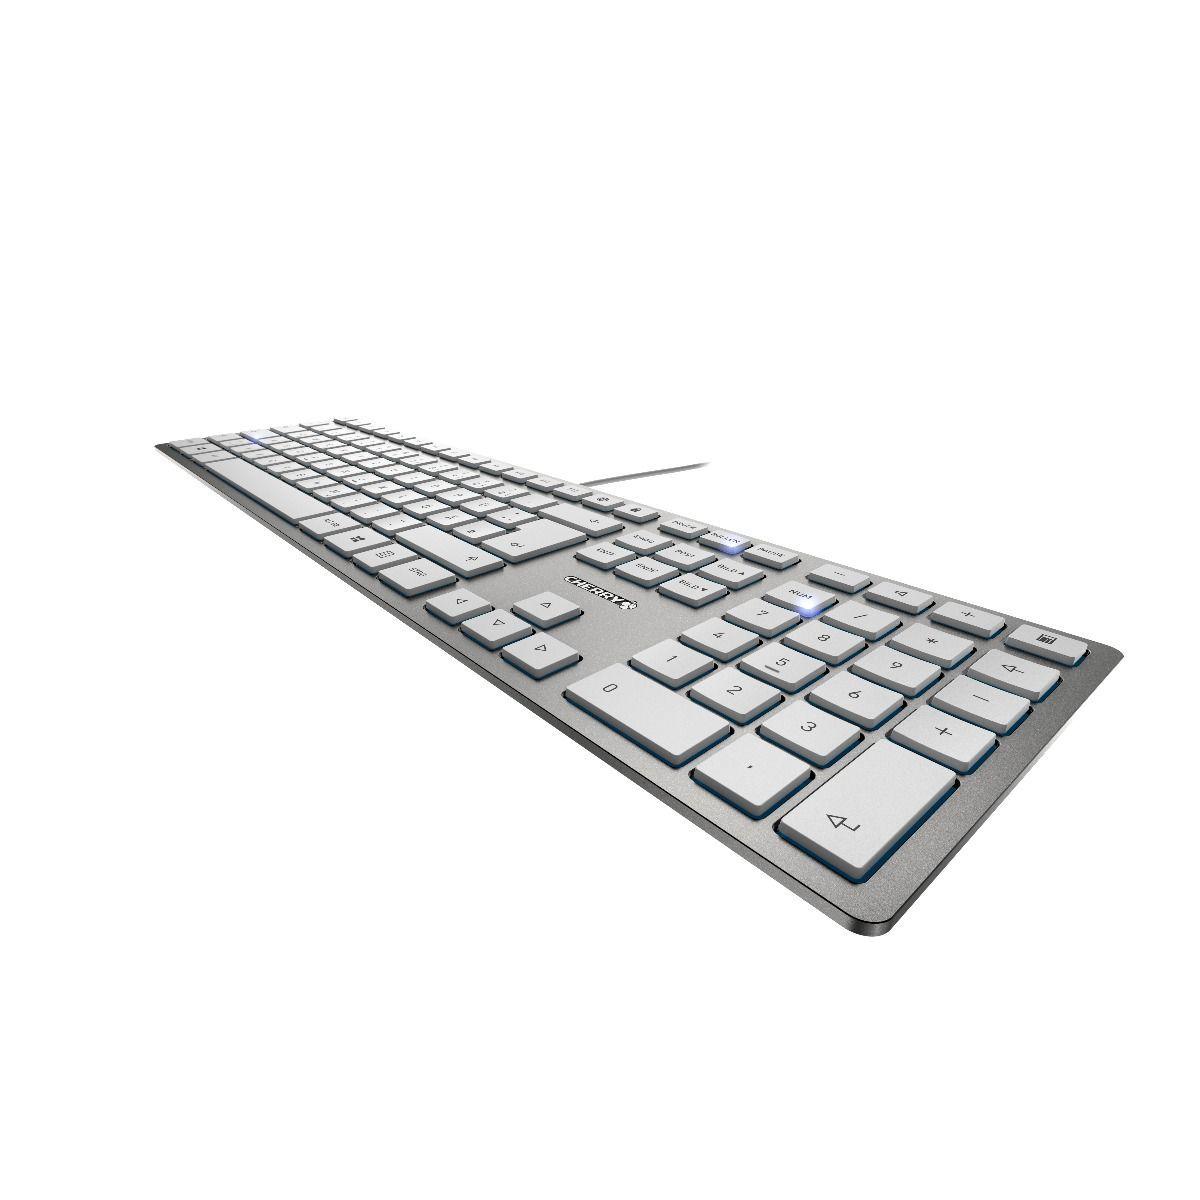 KC 6000 SLIM - Clavier ultra-plat avec 6 touches supplémentaires